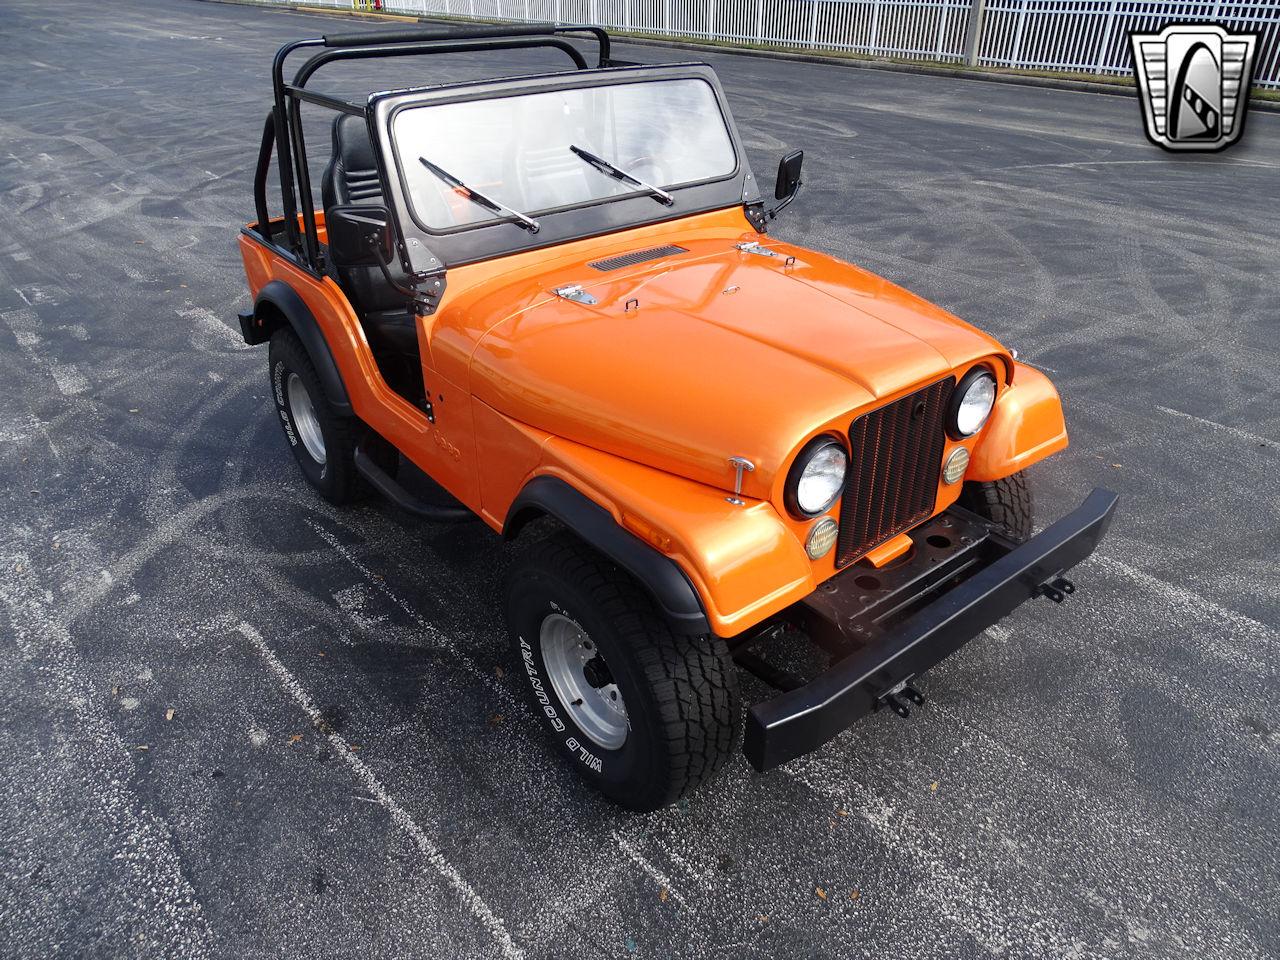 1976 Jeep CJ5 4